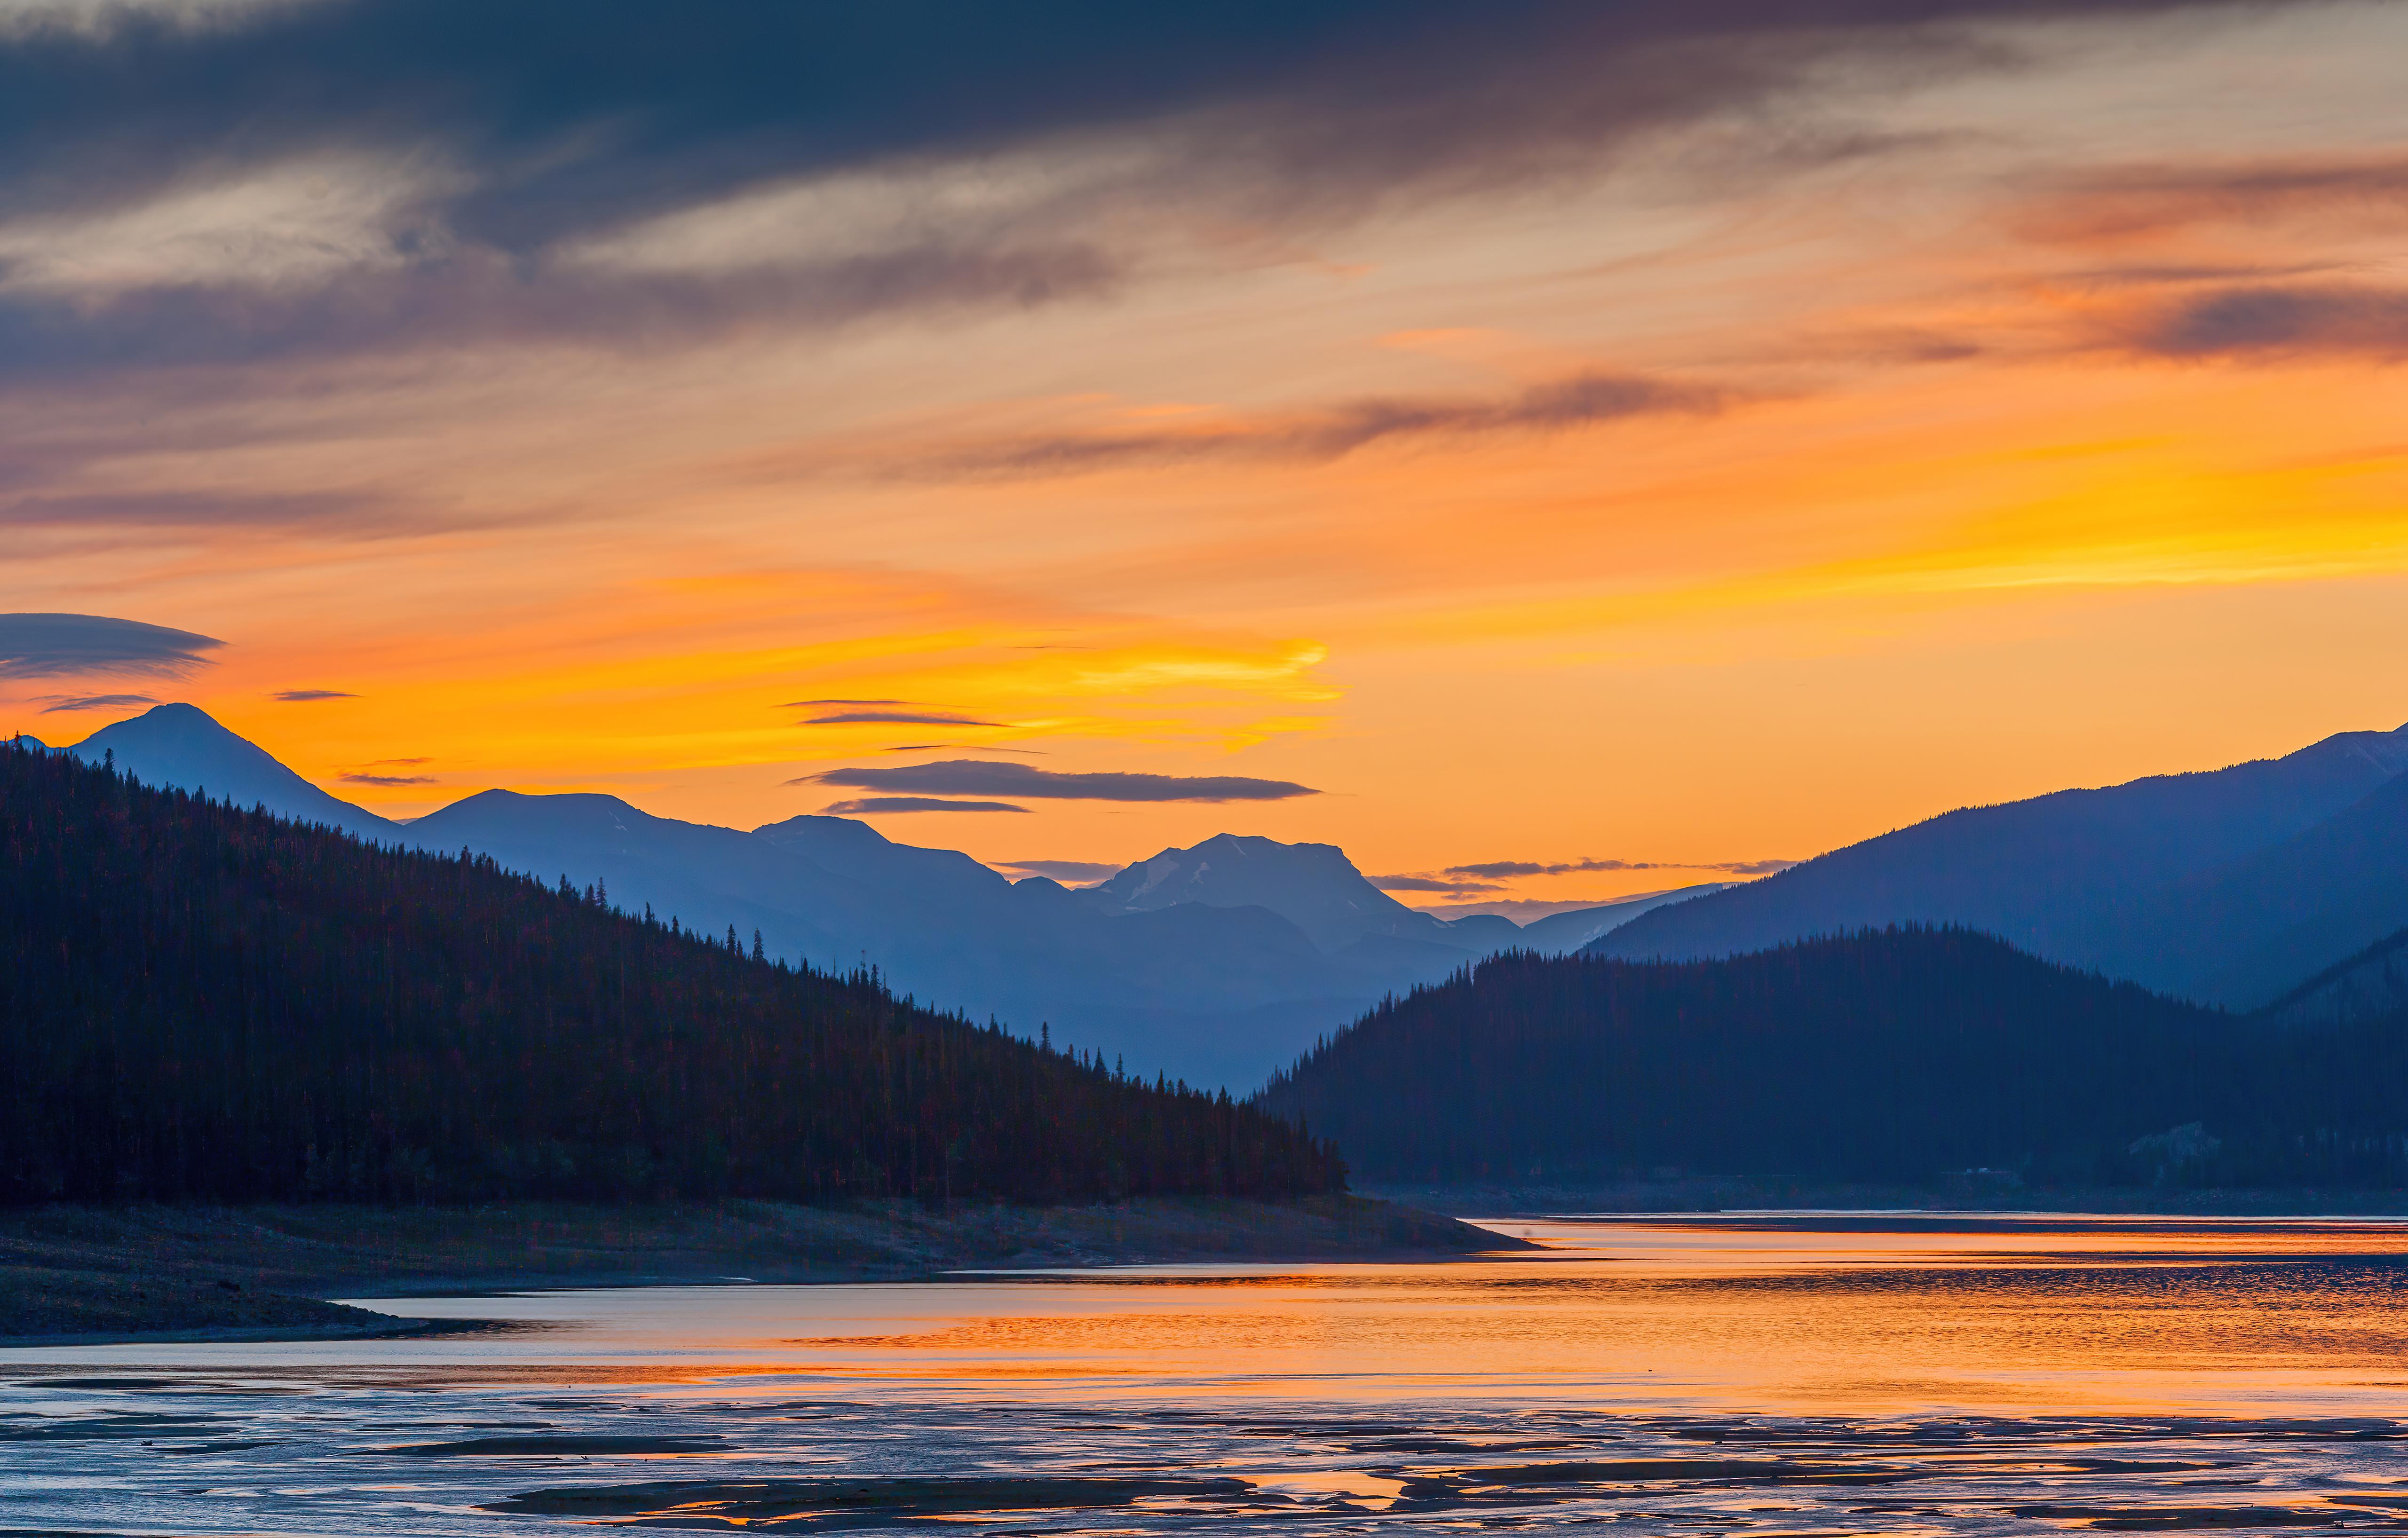 Wallpaper Sunset in lake next to mountains Digital Art